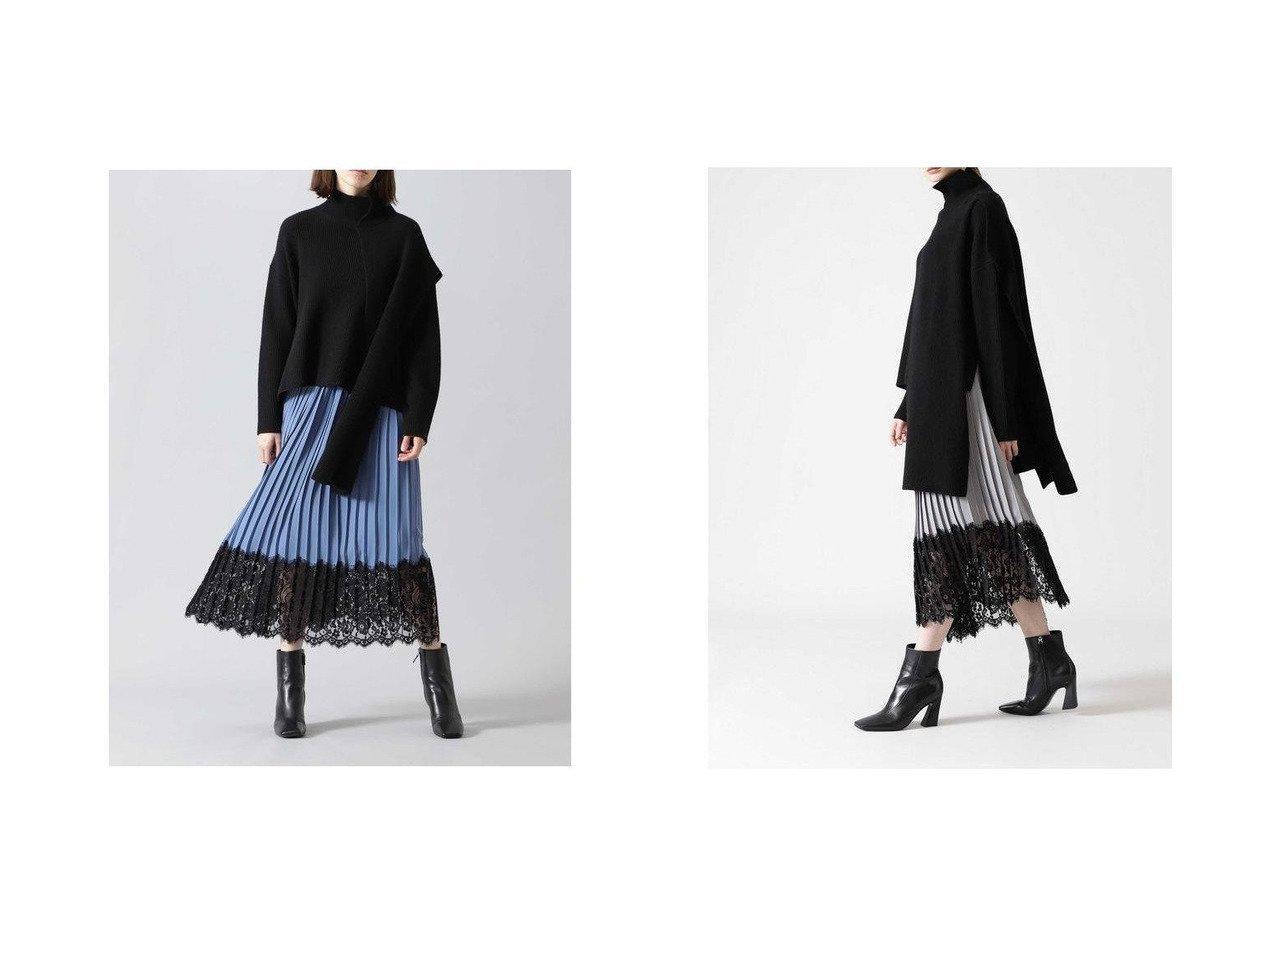 【ADORE/アドーア】のレーシーヘムプリーツスカート スカートのおすすめ!人気トレンド・レディースファッションの通販 おすすめで人気の流行・トレンド、ファッションの通販商品 メンズファッション・キッズファッション・インテリア・家具・レディースファッション・服の通販 founy(ファニー) https://founy.com/ ファッション Fashion レディースファッション WOMEN スカート Skirt プリーツスカート Pleated Skirts エアリー カシミア フェミニン プリーツ ペチコート レース A/W 秋冬 Autumn &  Winter |ID:crp329100000008772